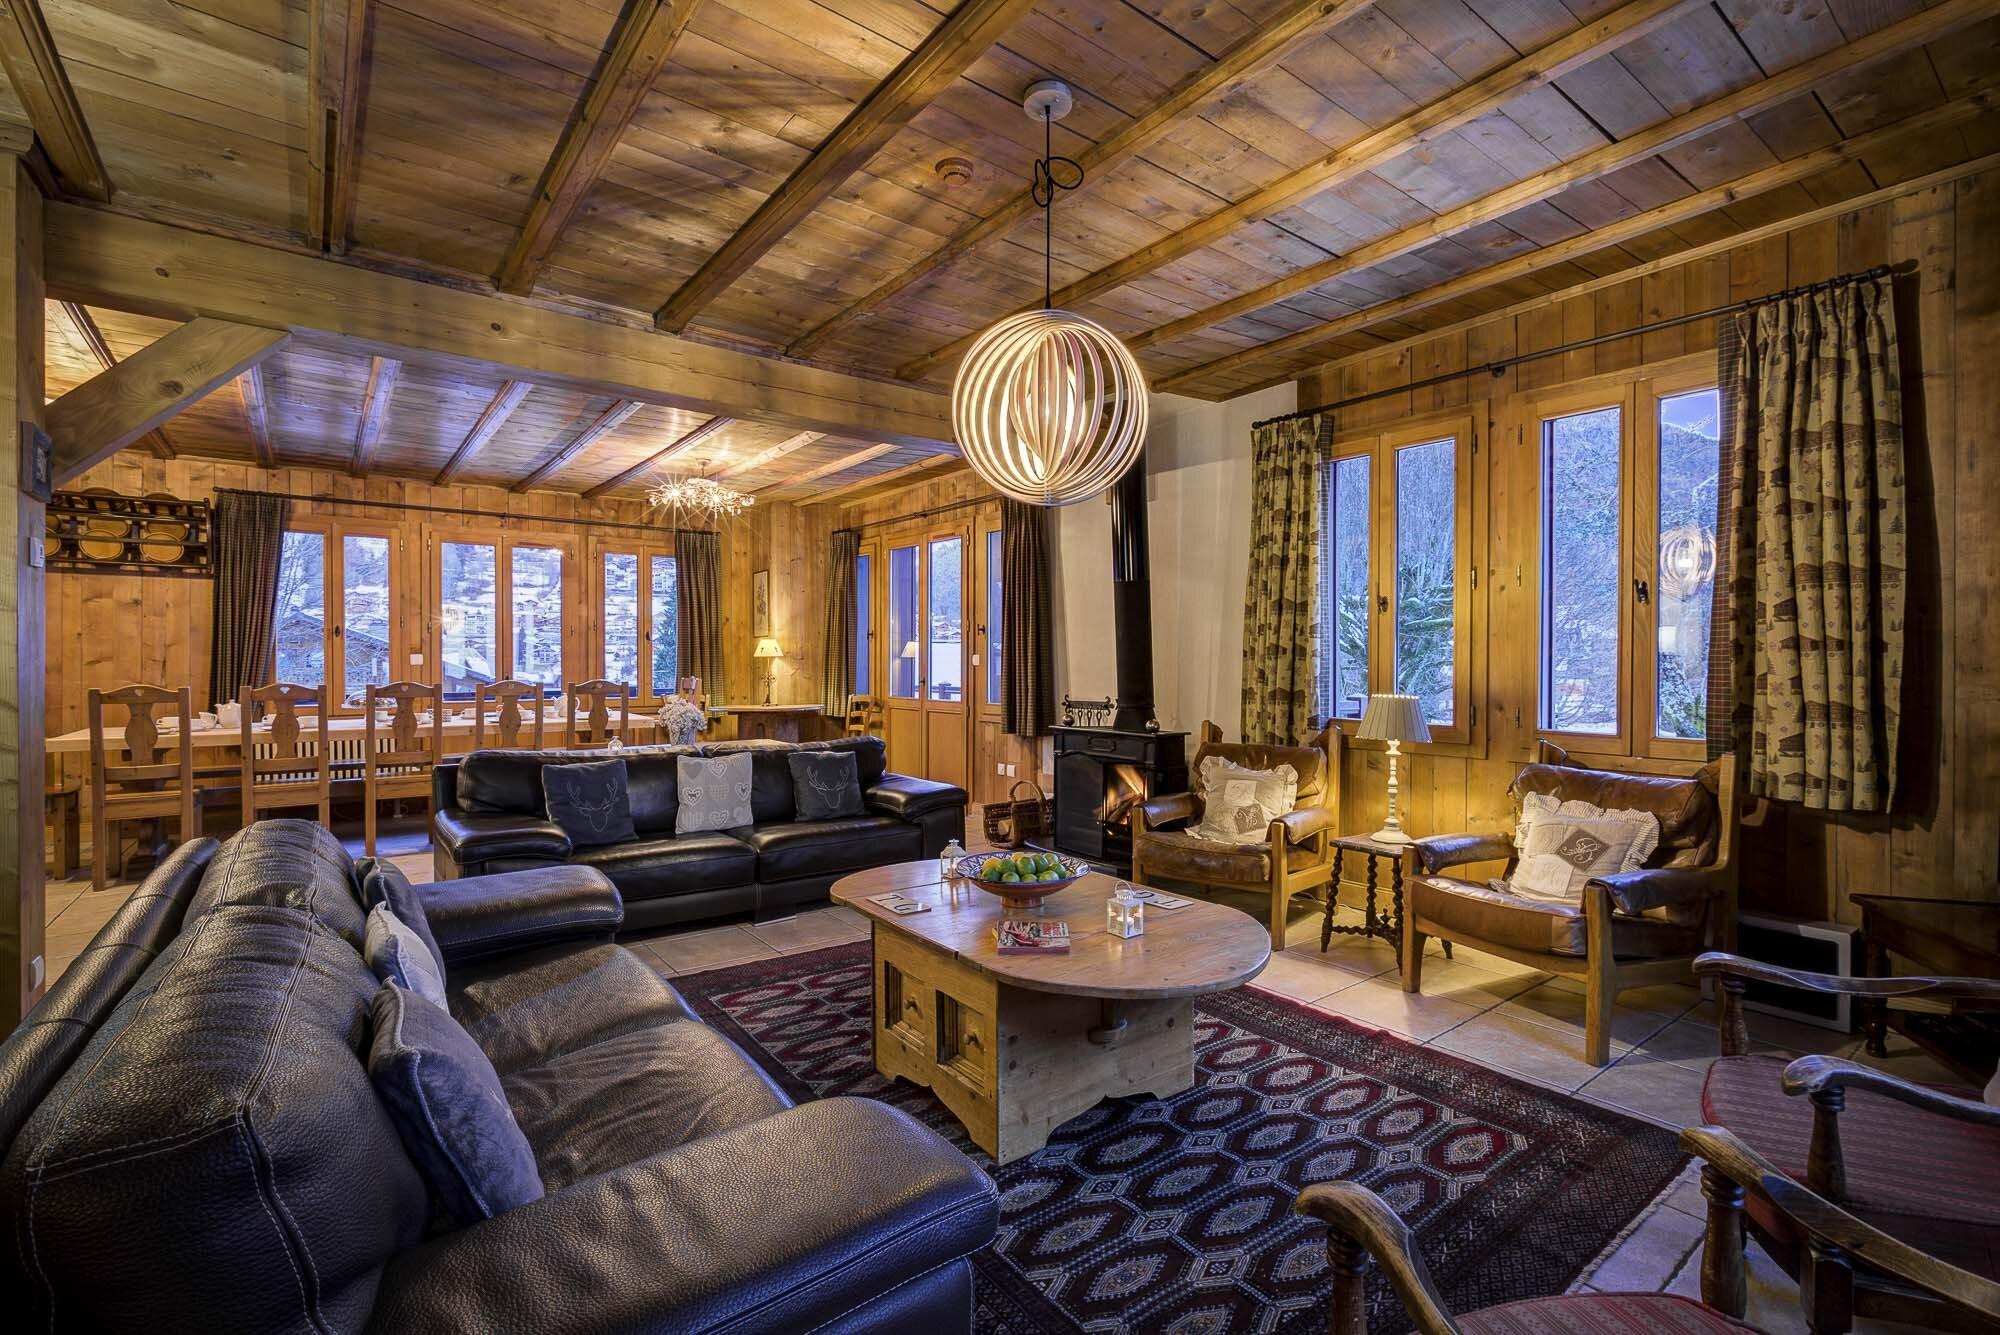 tg-ski-chalet-du-bois-morzine-015.jpg